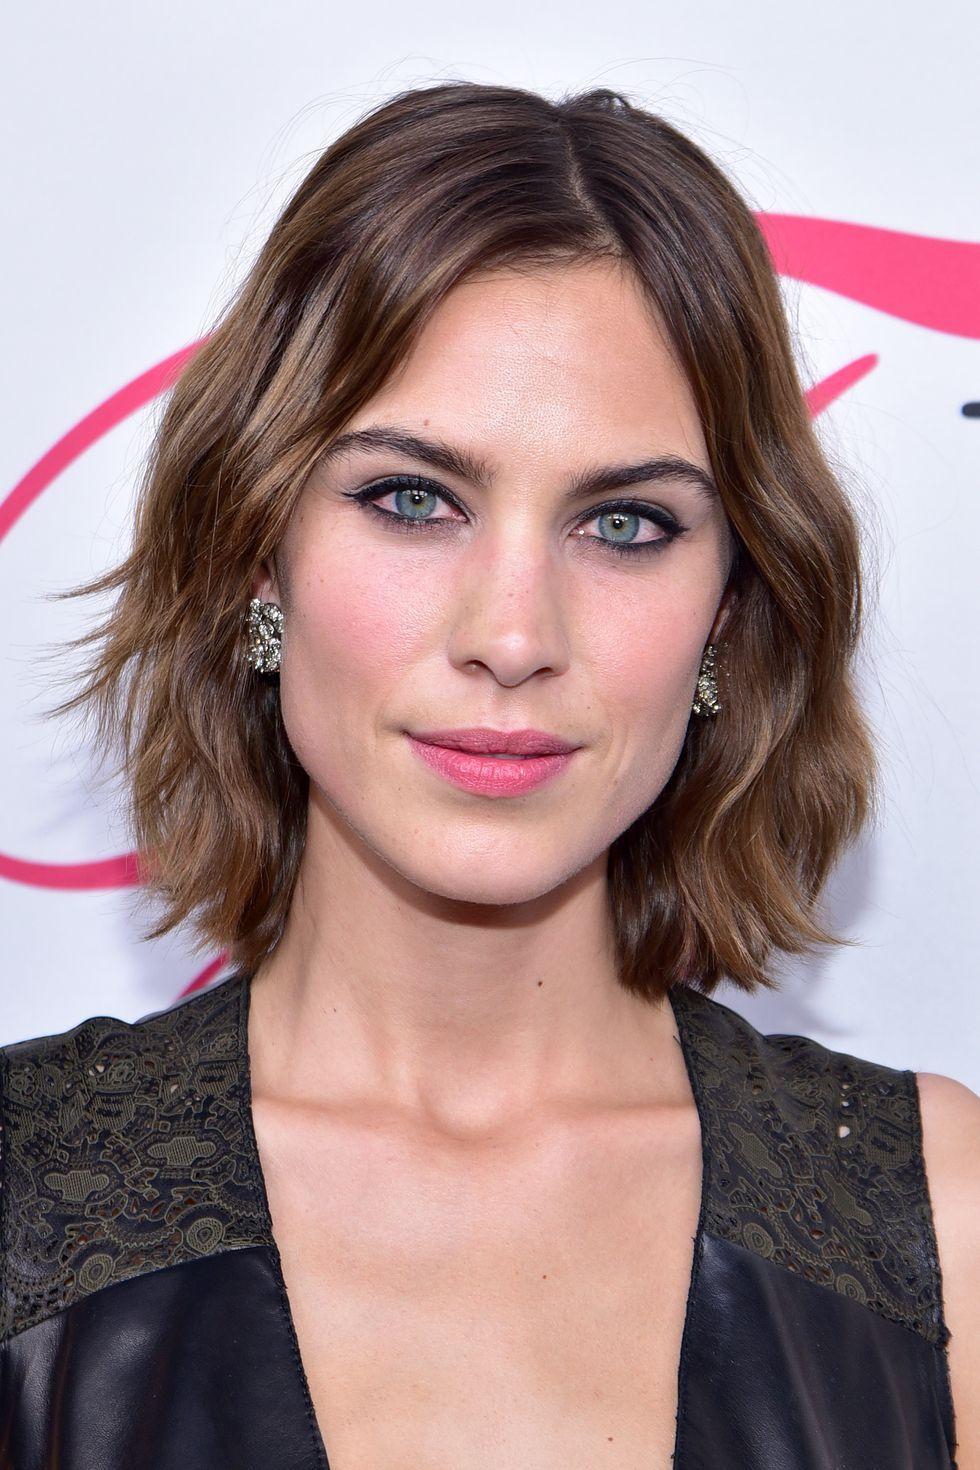 Mỹ nhân Hollywood gợi ý 10 kiểu tóc xoăn đẹp cho từng dáng mặt - Ảnh 4